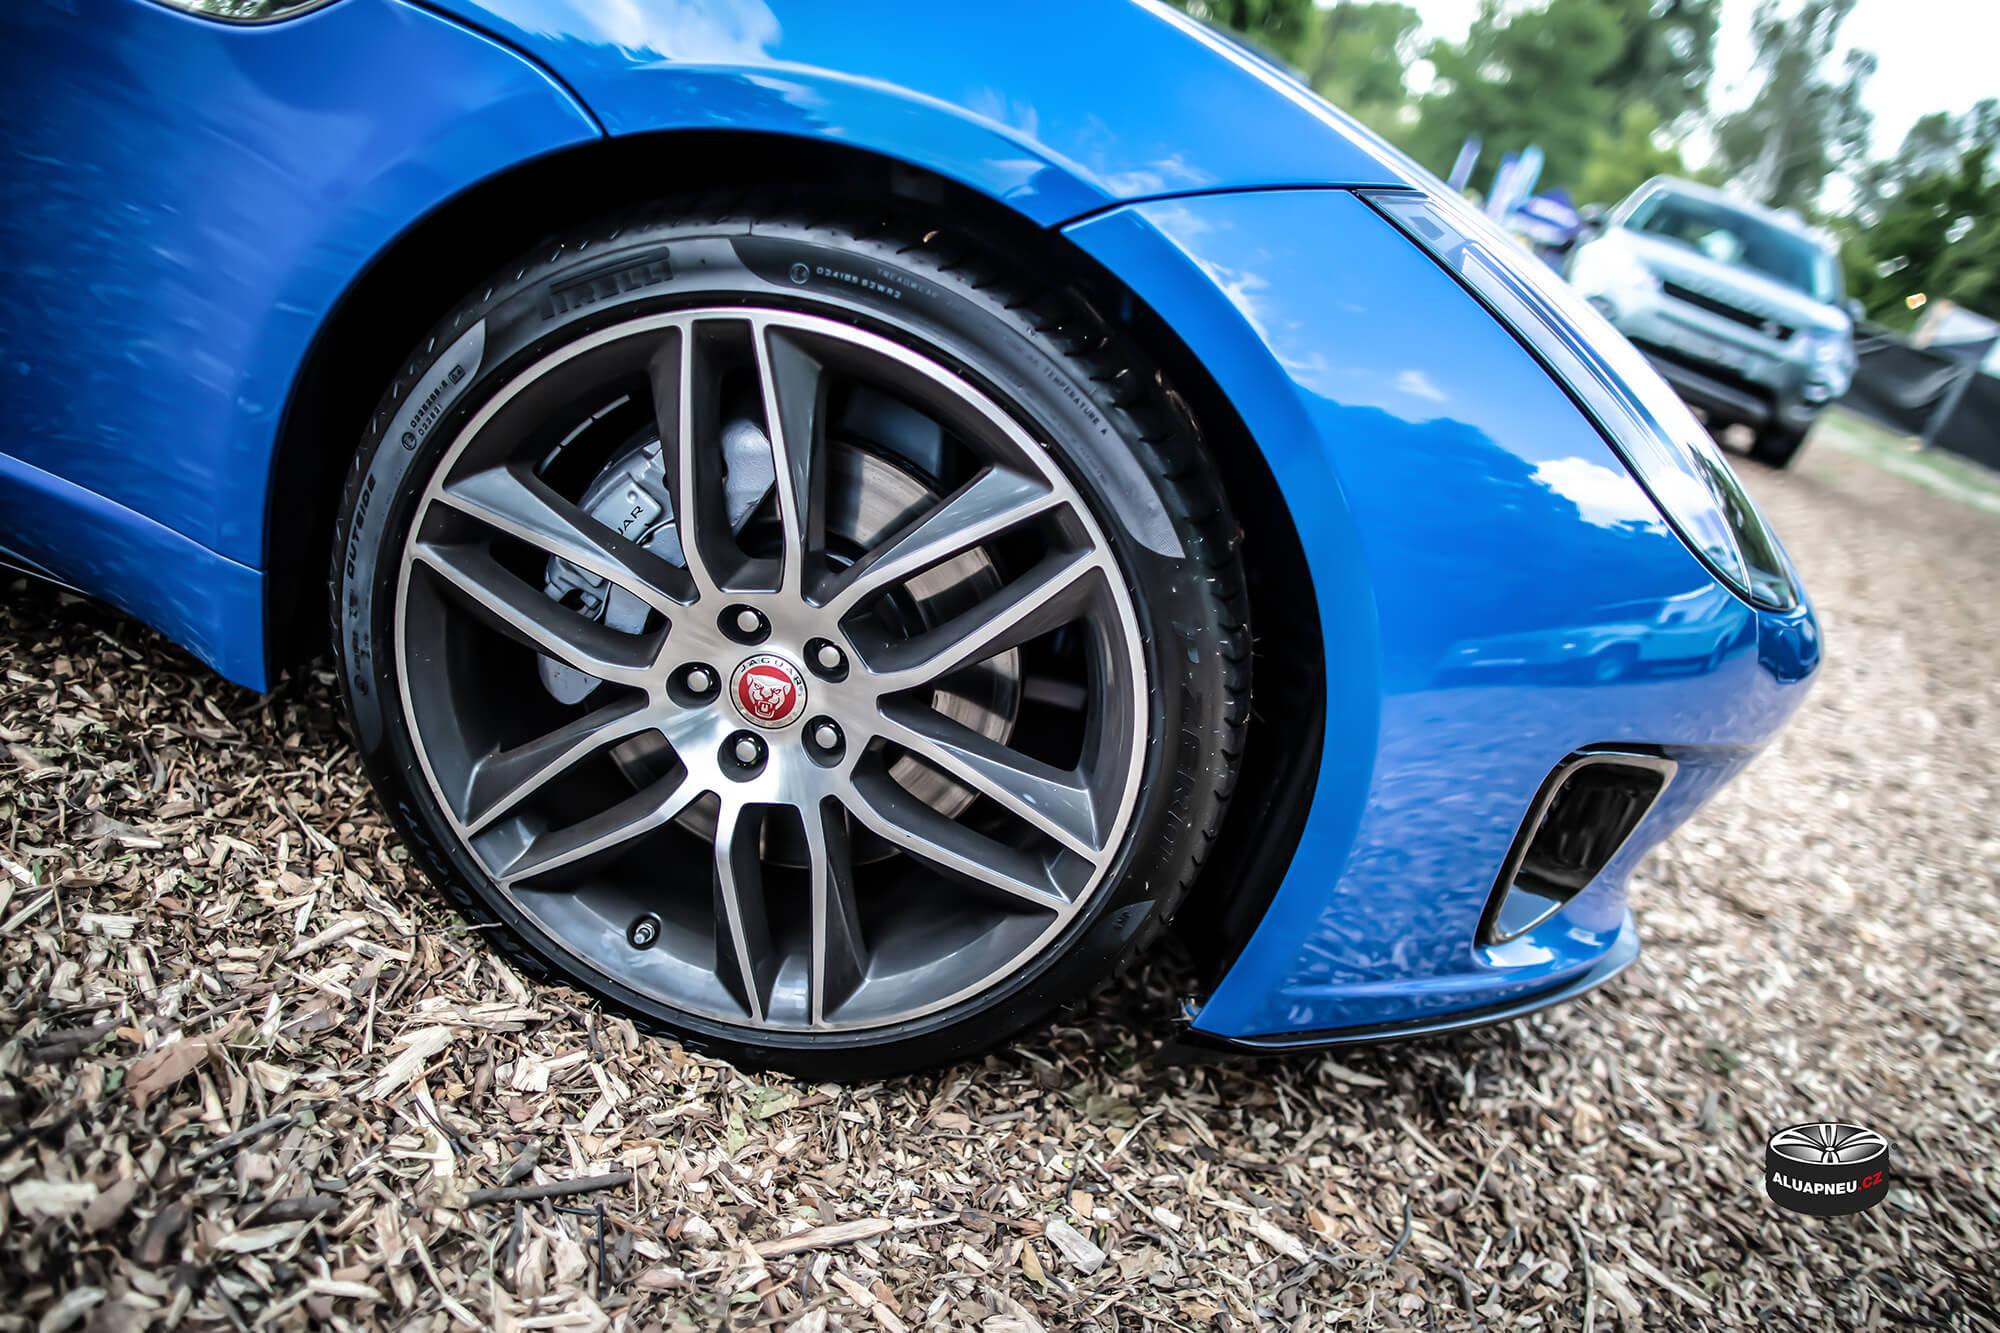 Jaguar F-Type - černá alu kola s leštěným čelem - originální elektrony Jaguar - Automobilové Legendy 2019 - www.aluapneu.cz